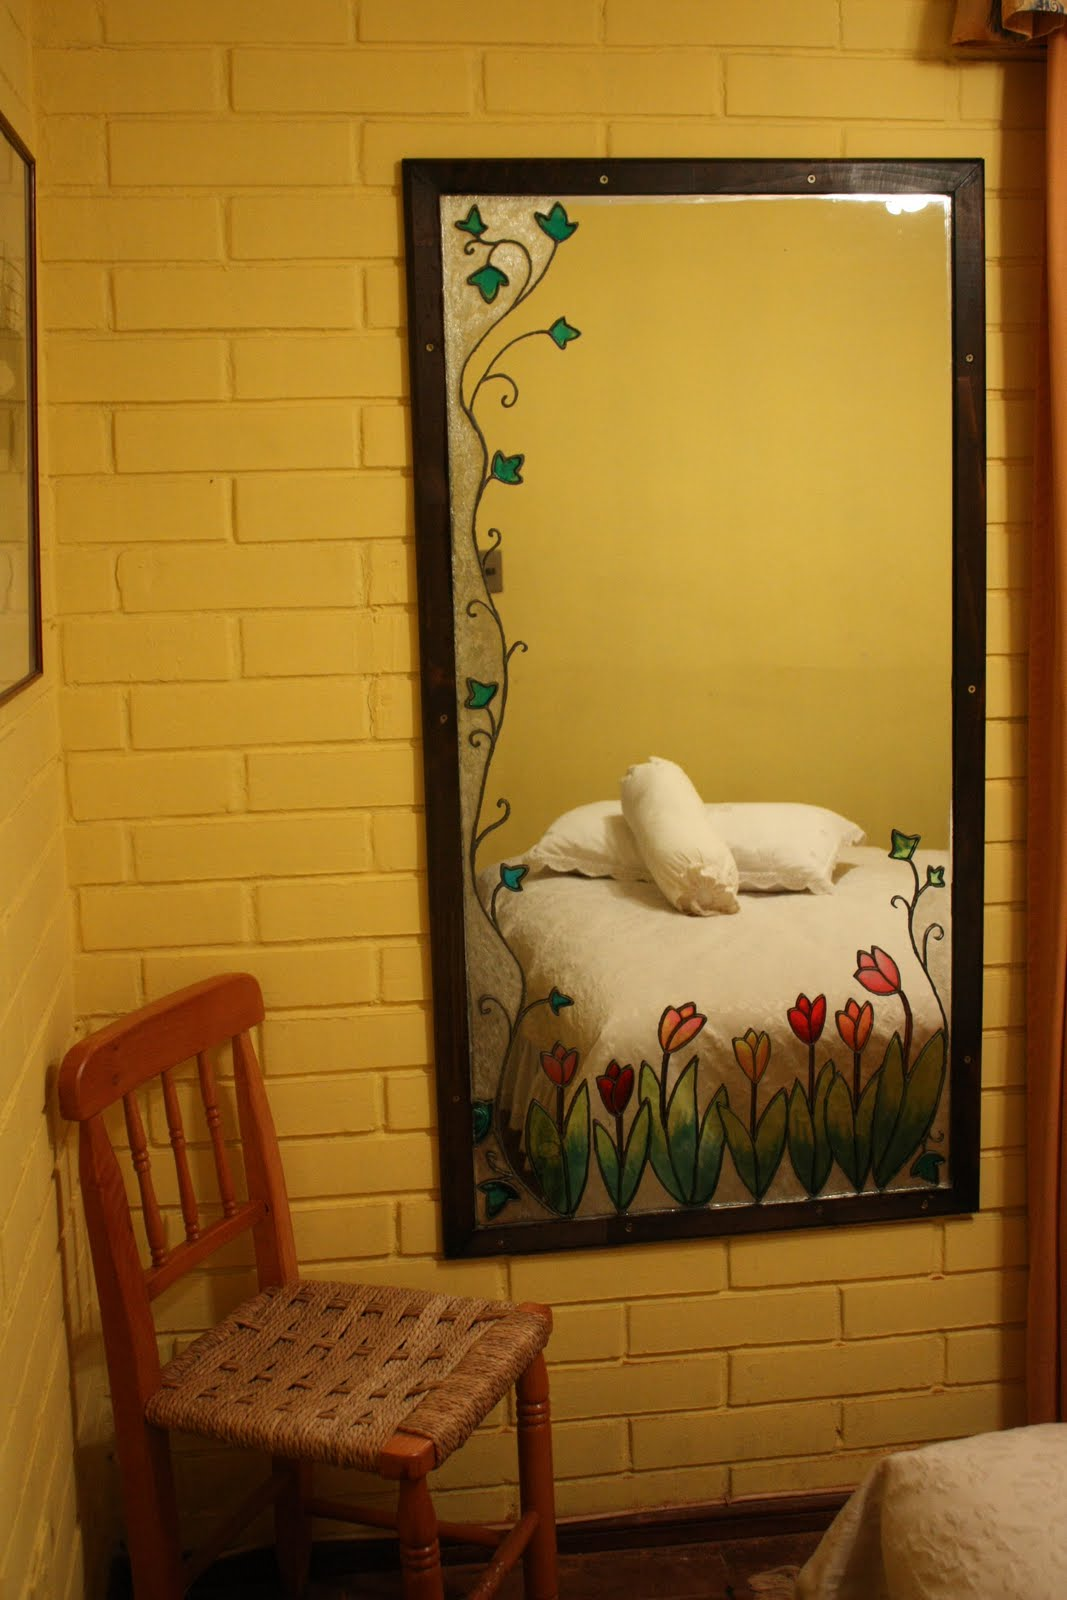 Artemota pintura en vidrio - Pintura para espejos ...